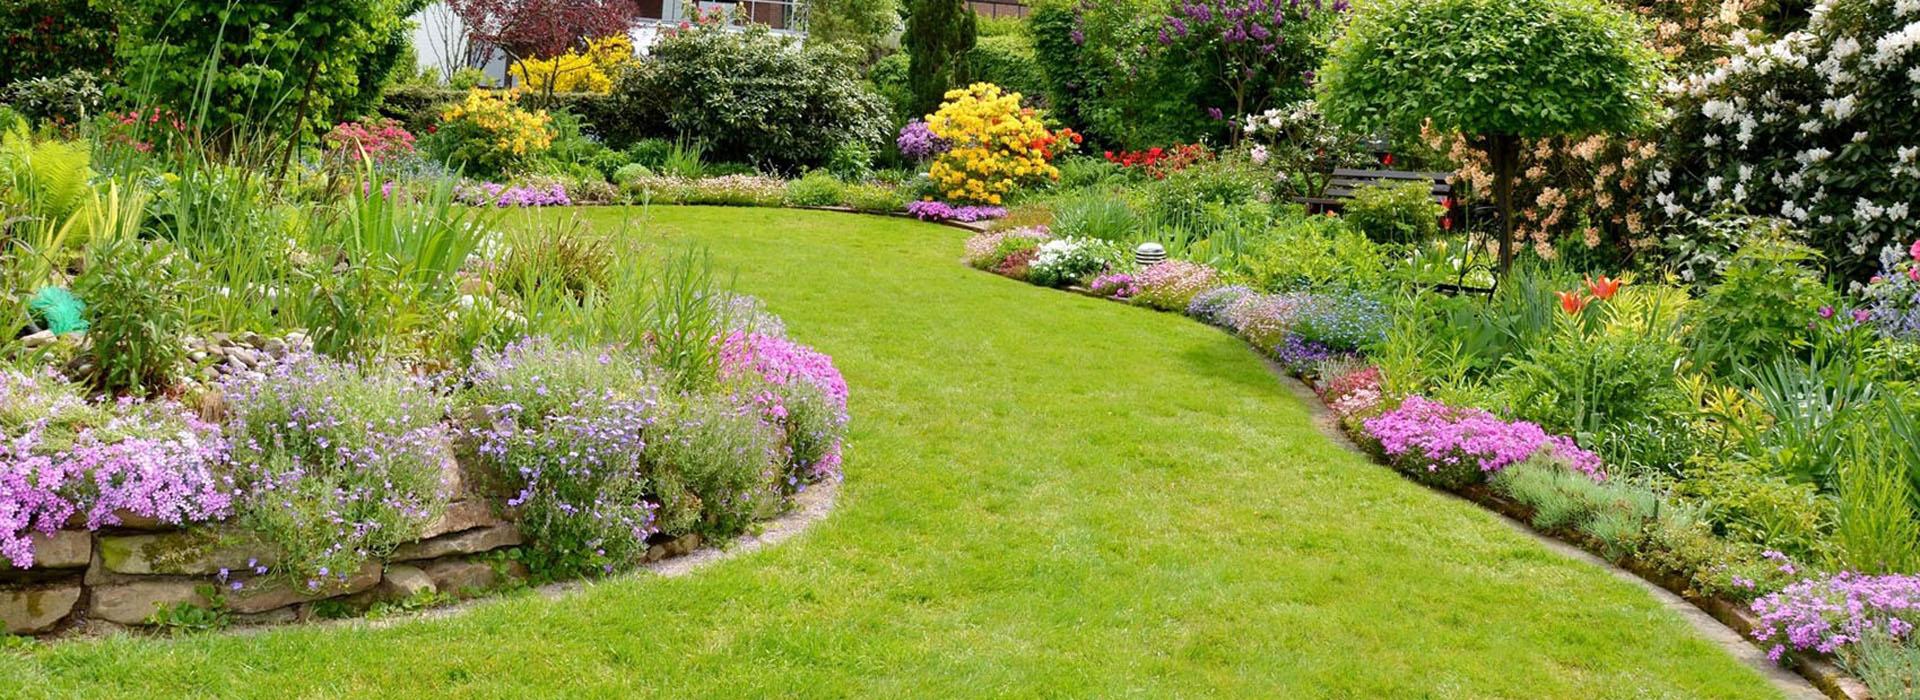 Barba verde realizzazione giardini e terrazzi for Giardini e terrazzi